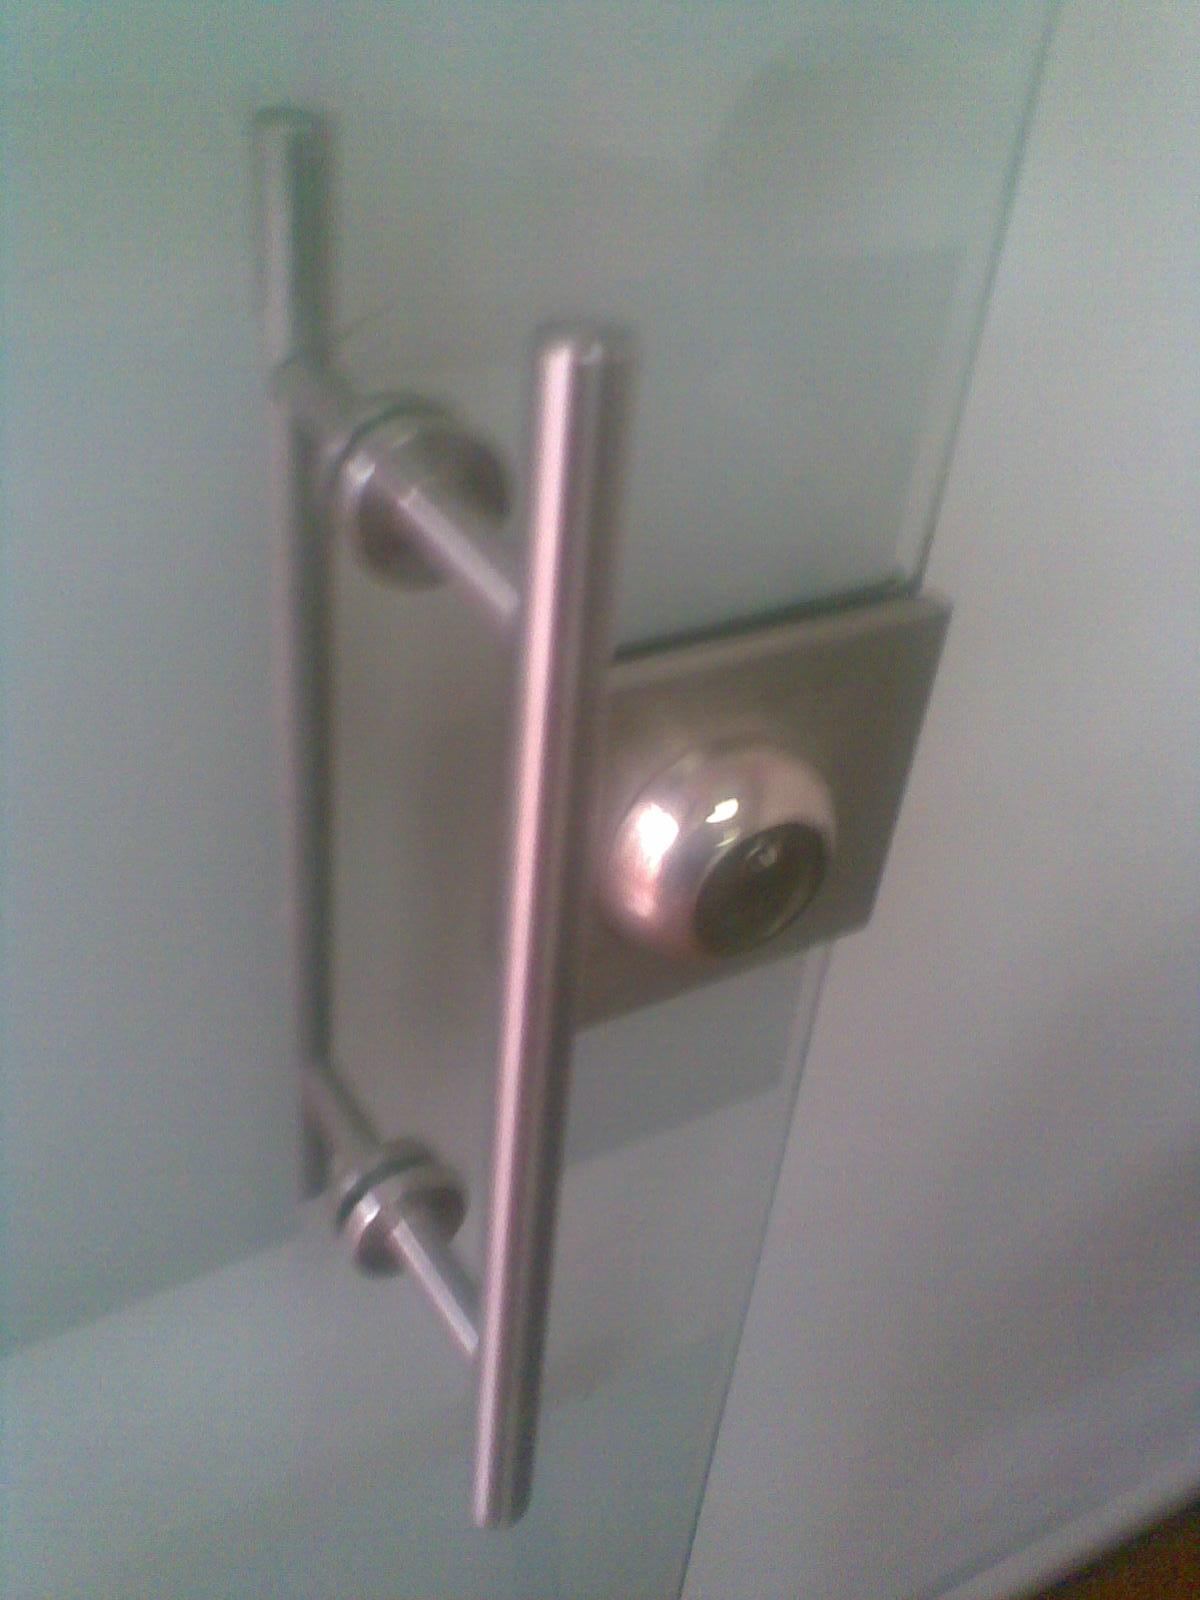 Cerraduras en Puertas de Vidrio